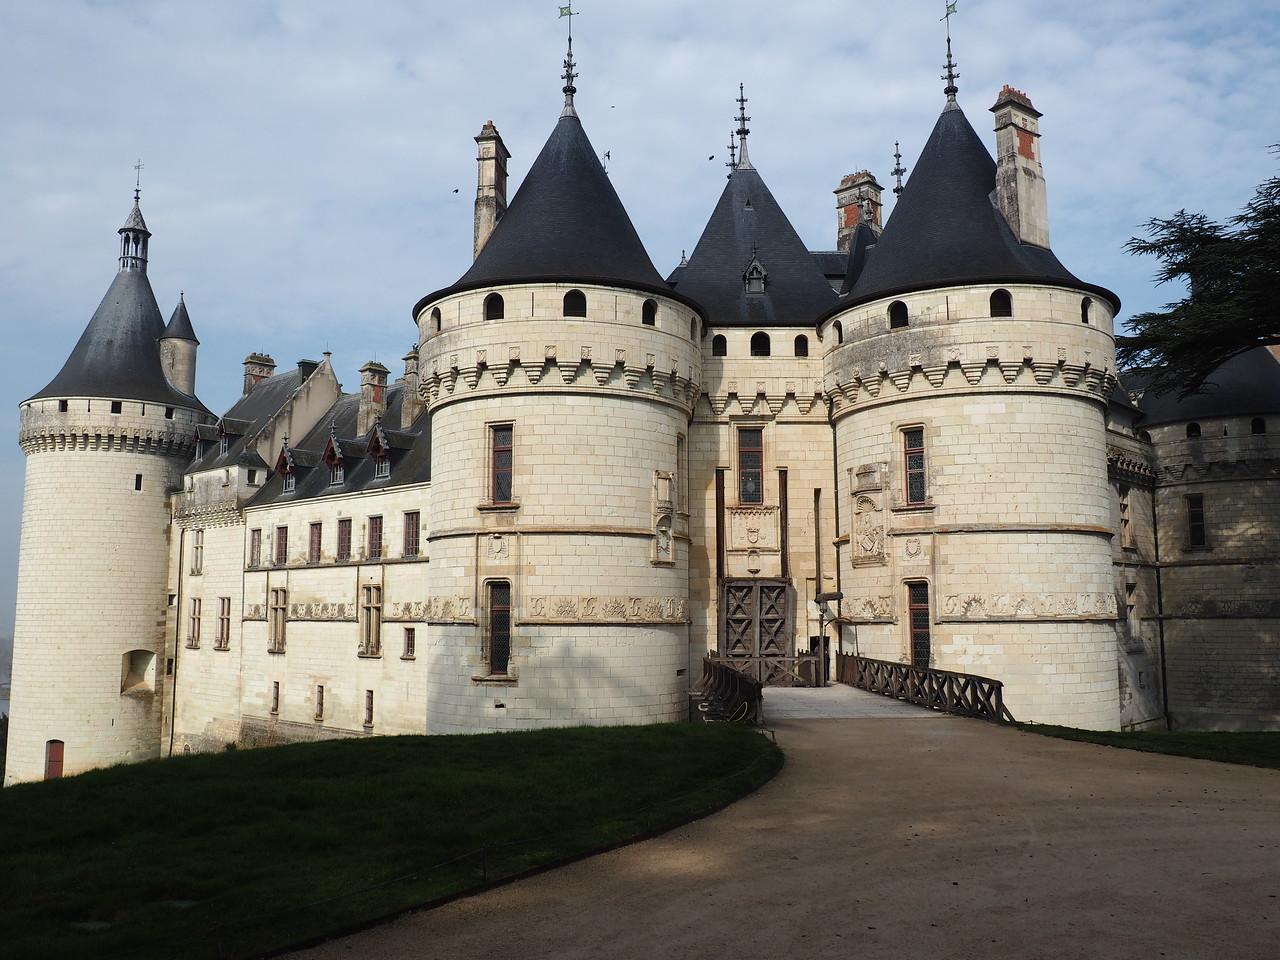 Chateau Sur Loire, France